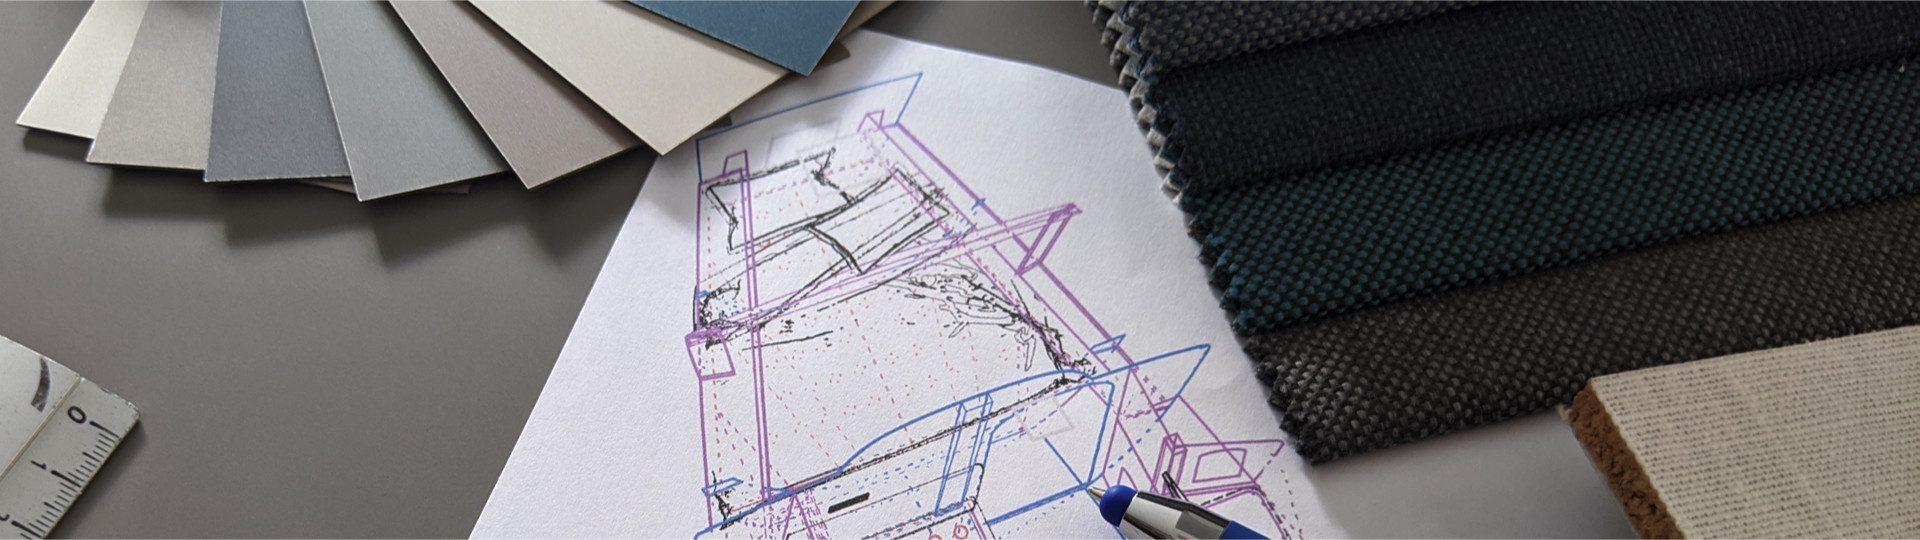 DREAM RACER BOATS Accompagnement-design-conception-fabrication-aménagement-agencement-intérieur-architecte-designer-bateau-cabinet-performance-luxe-haut-gamme-1-oktv0n9u8m3pg5aldcvsl2dvd0dk29m4645277ouu0 Professionnels